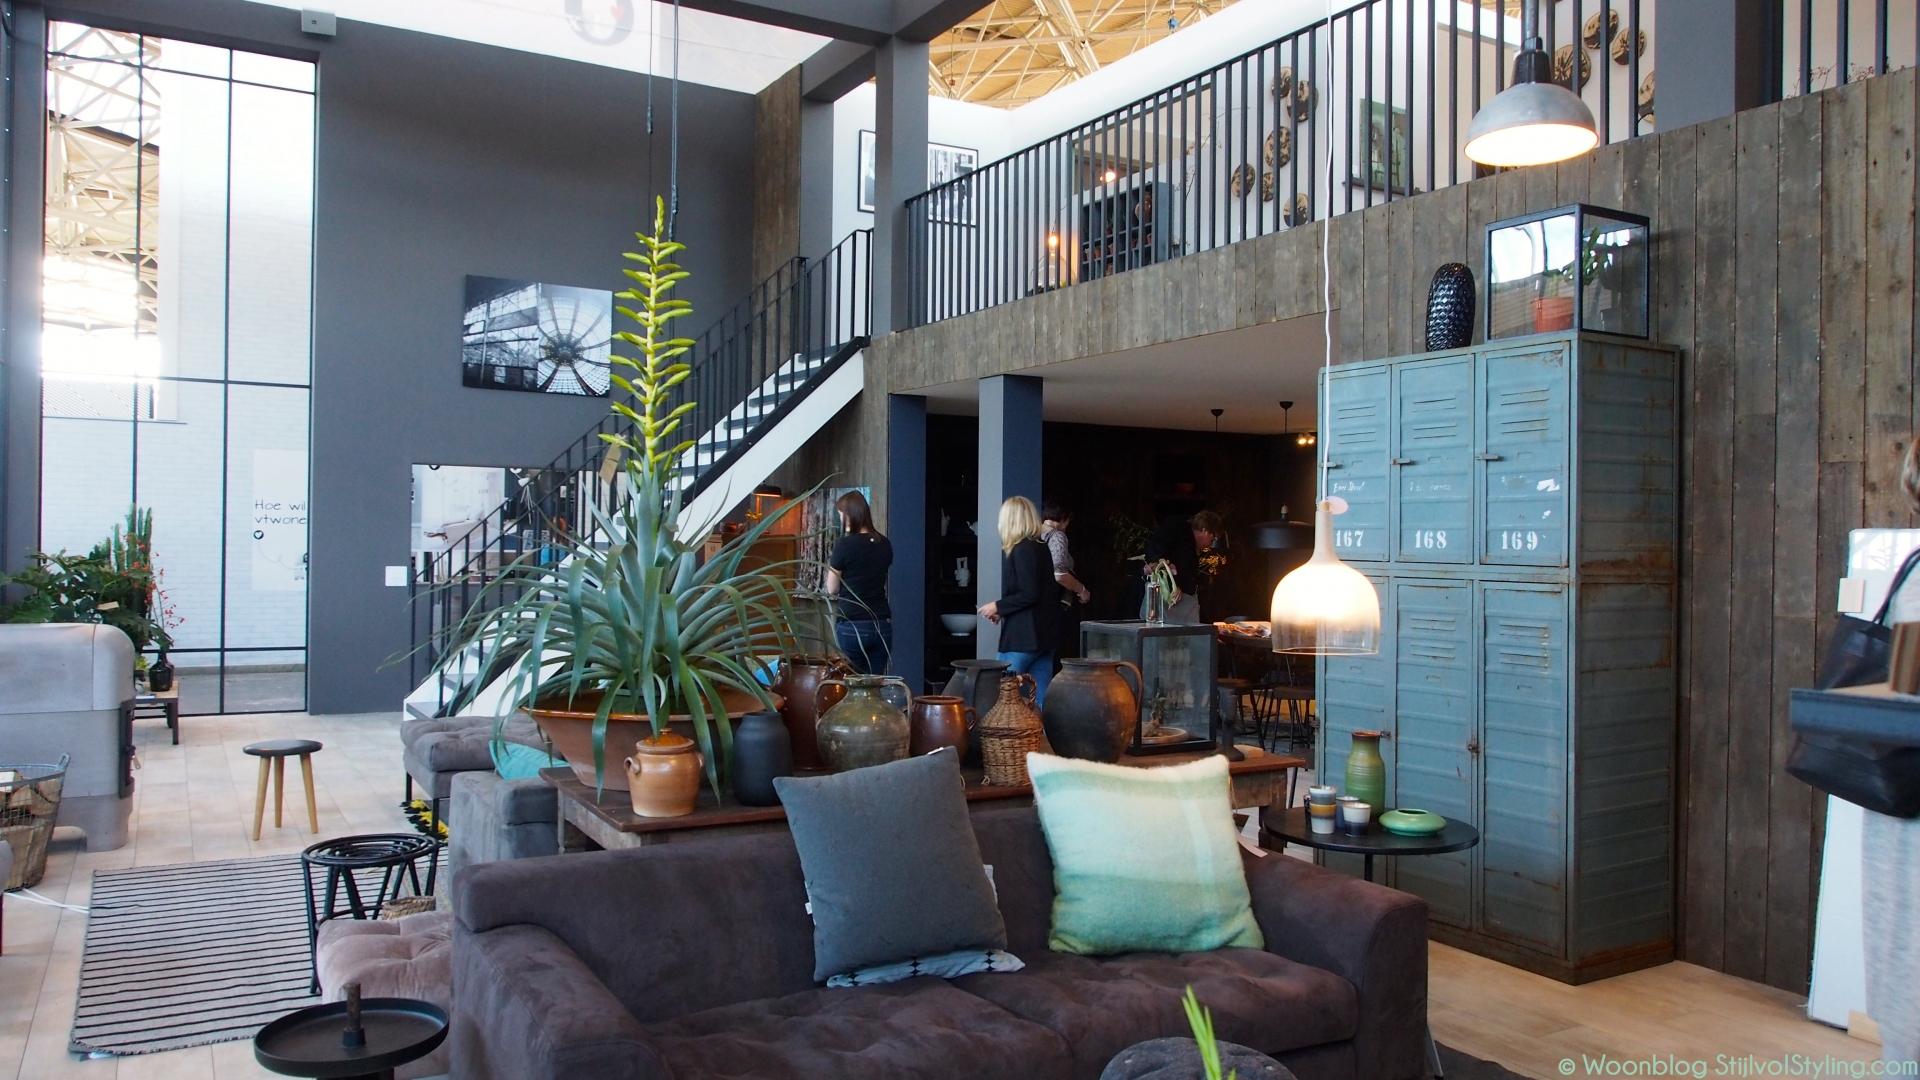 Interieur het 39 vtwonen huis 39 vol wooninspiratie stijlvol styling woonblog - Designer huis exterieur ...